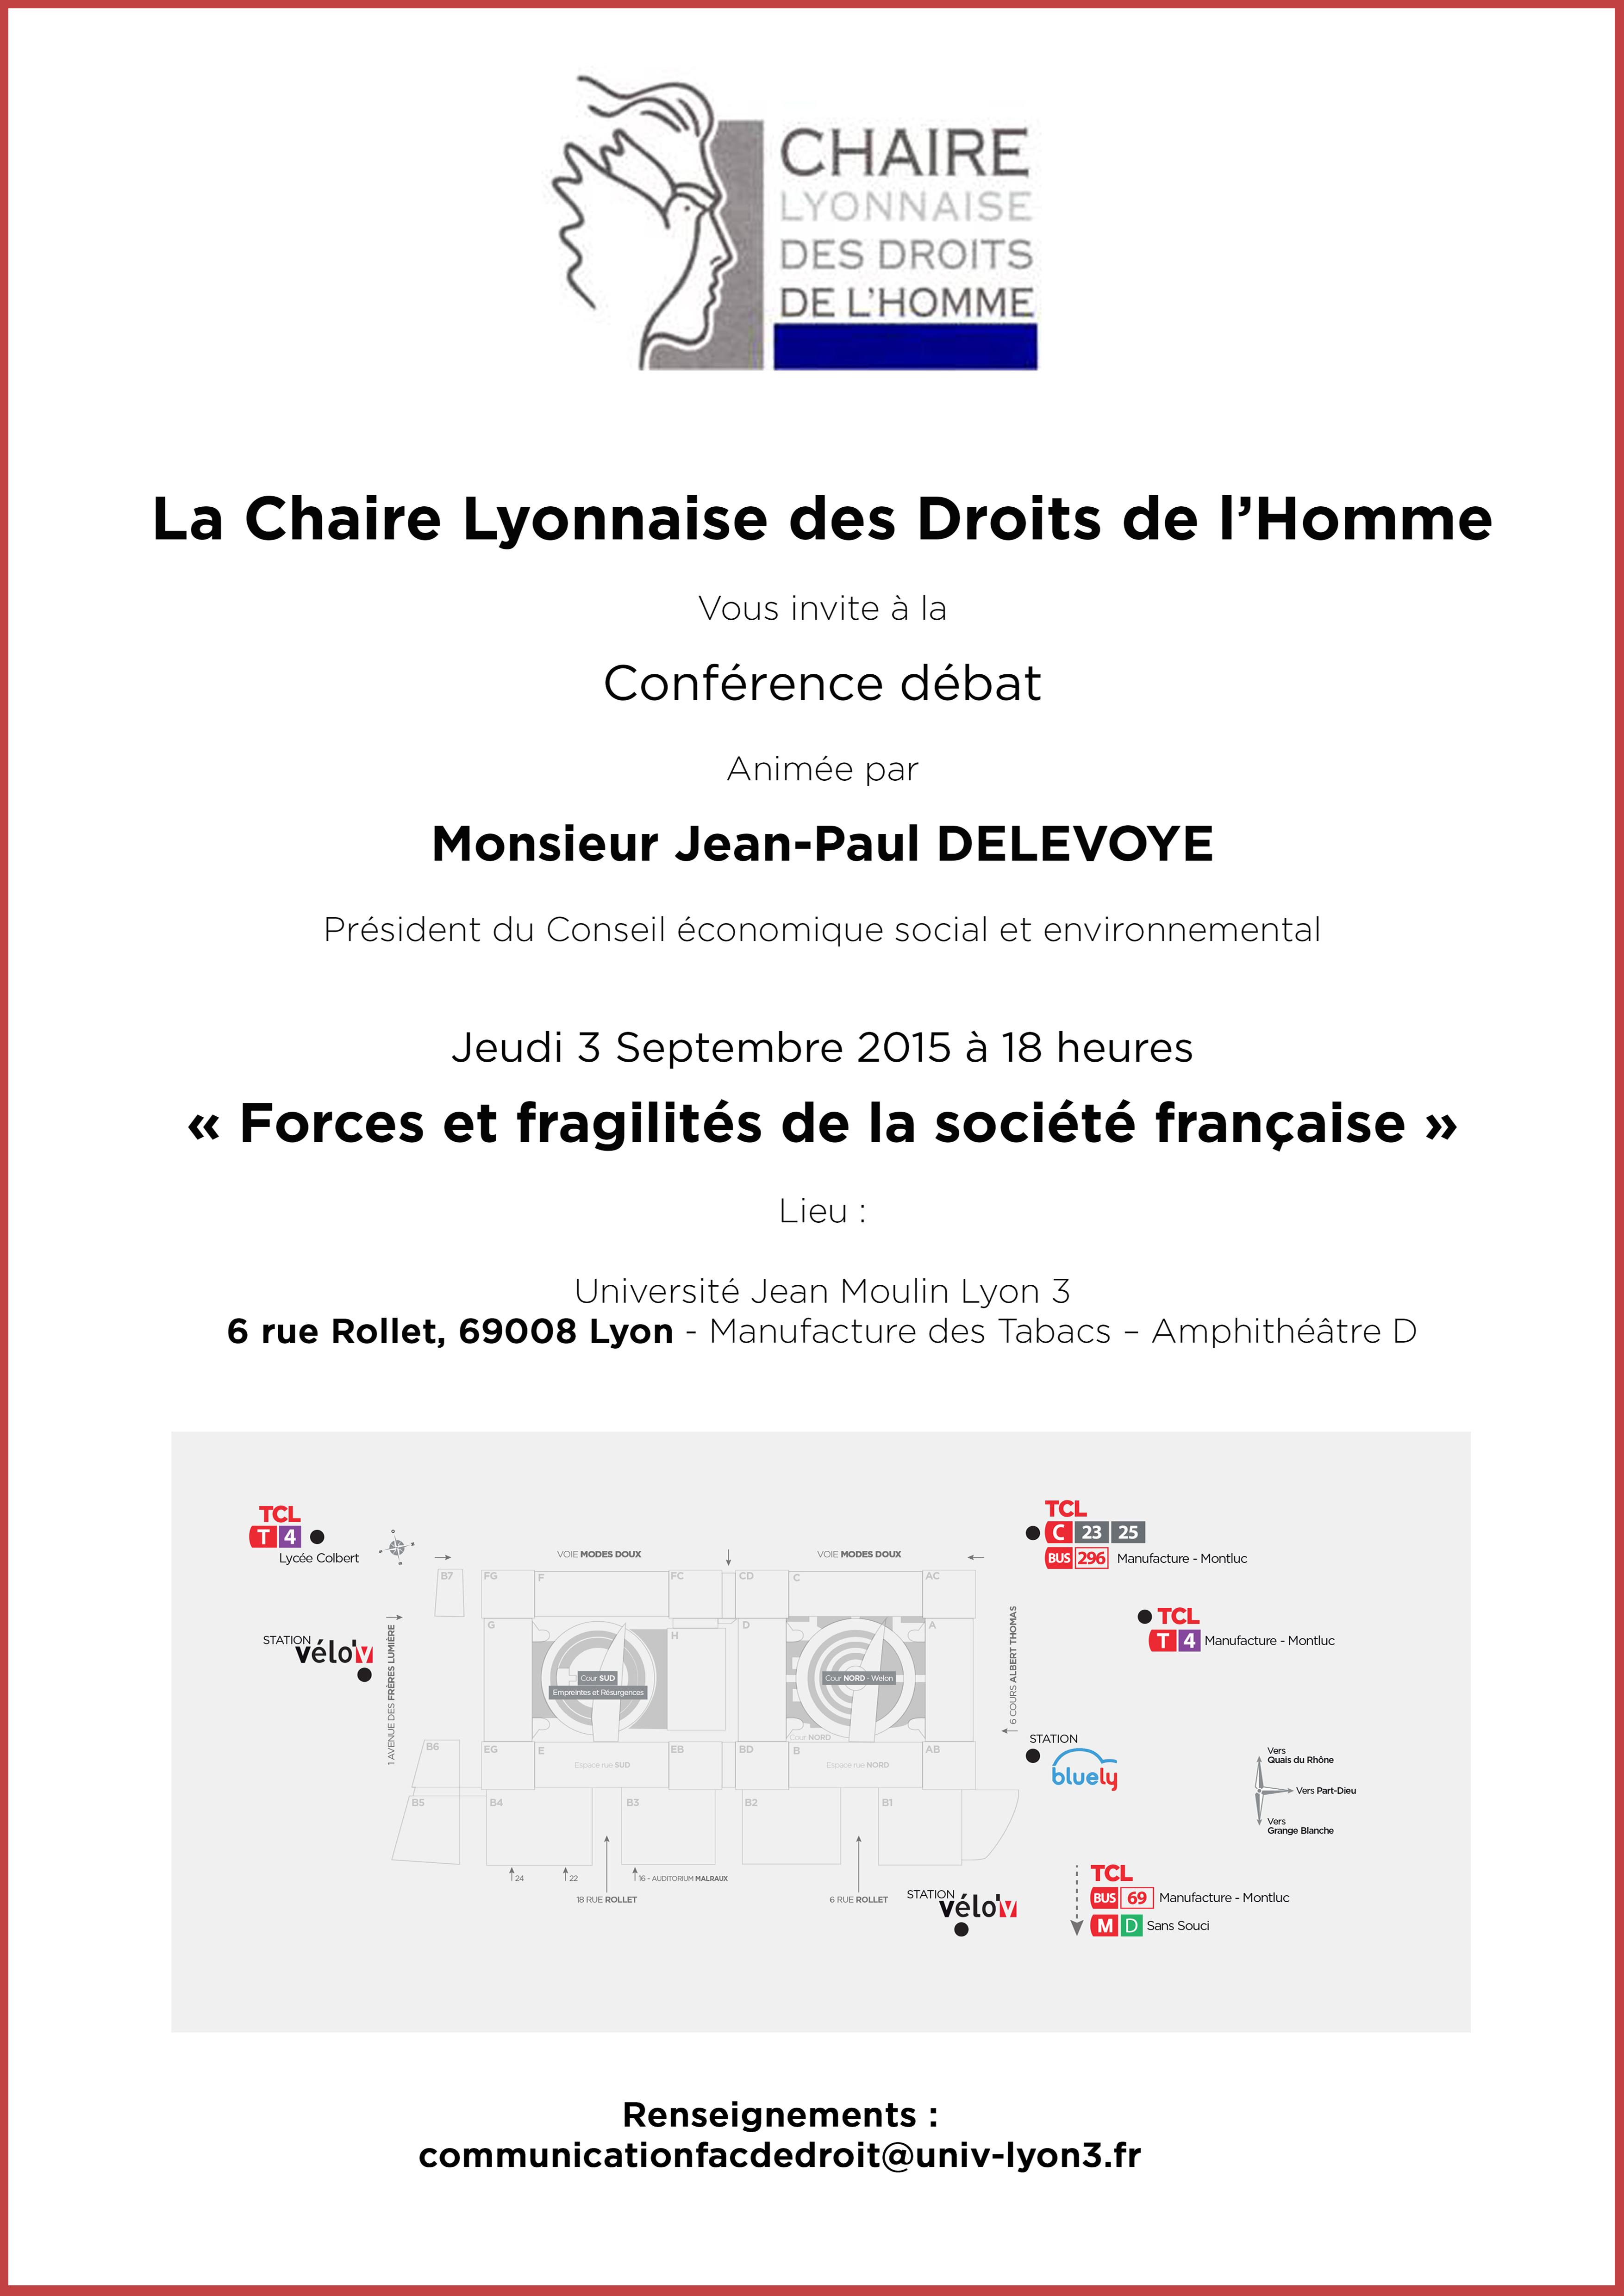 Affiche Chaire Lyonnaise des Droits de l'Homme